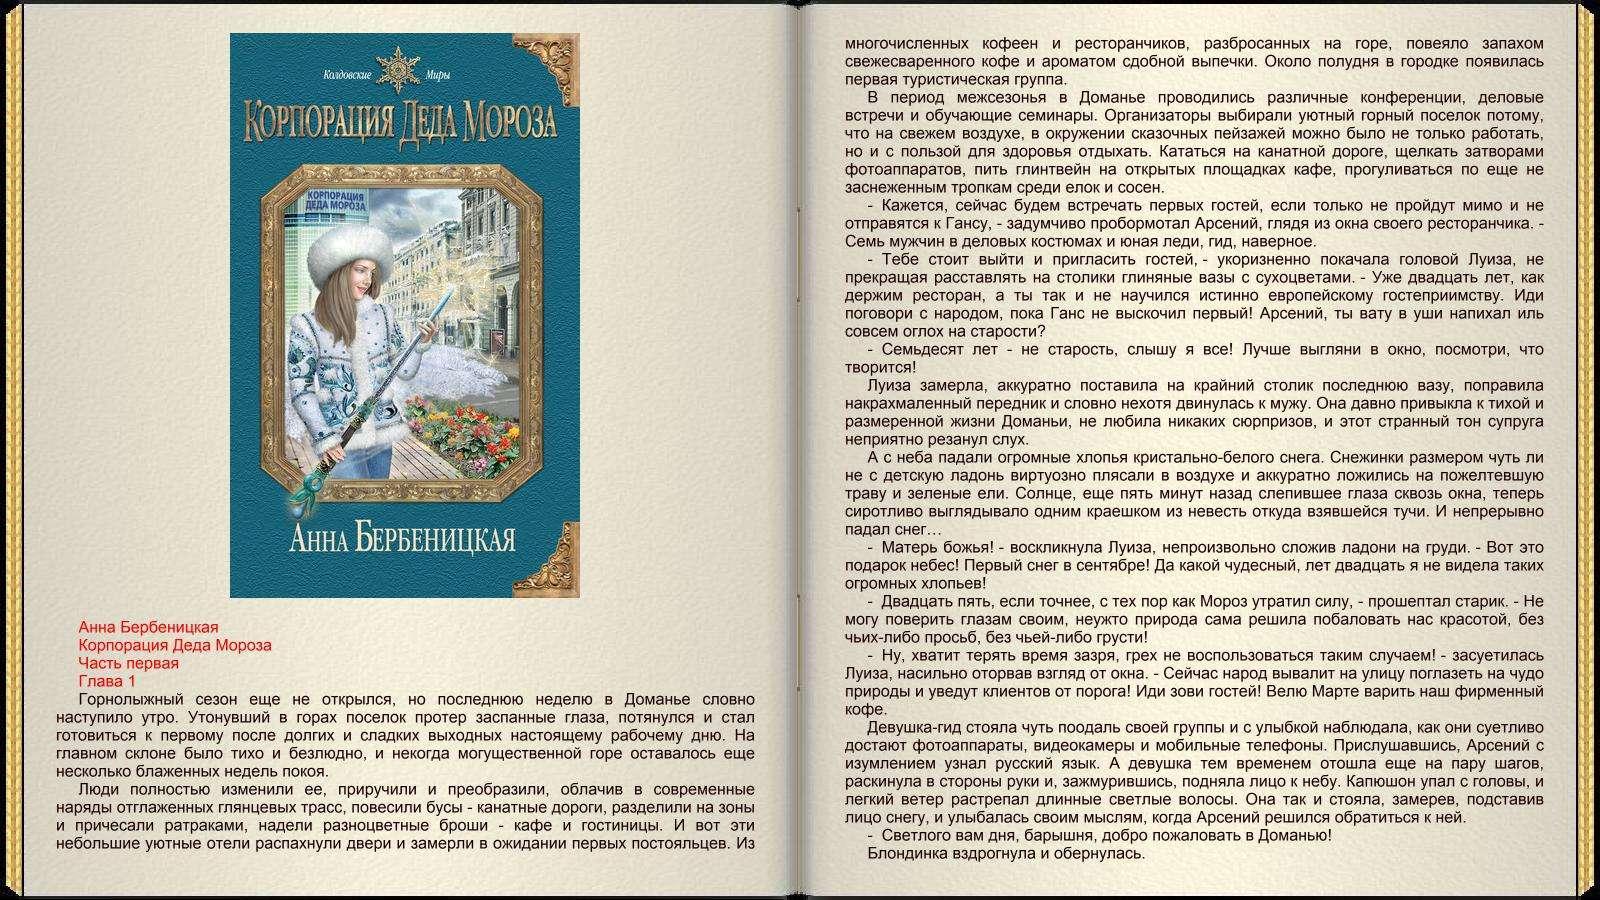 Серия книг - Колдовские Миры [151 книг | FB2